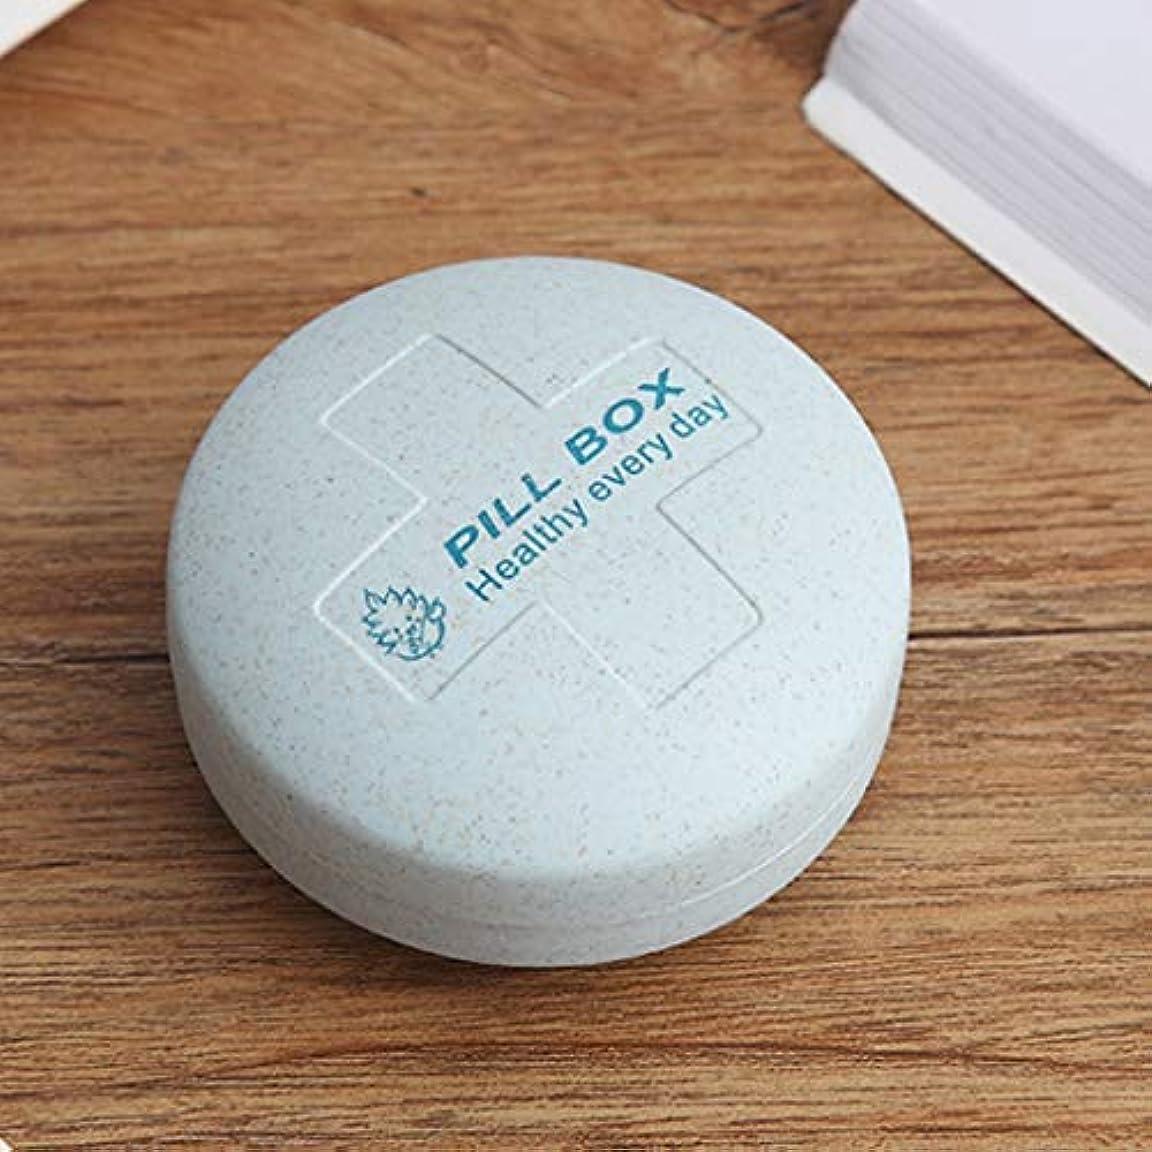 成功した水小学生ピルボックスポータブル調剤小ピルボックス旅行薬ポータブル収納キットミニ密封ピルボックス LIUXIN (Color : Blue, Size : 7.5cm×7.5cm×4cm)